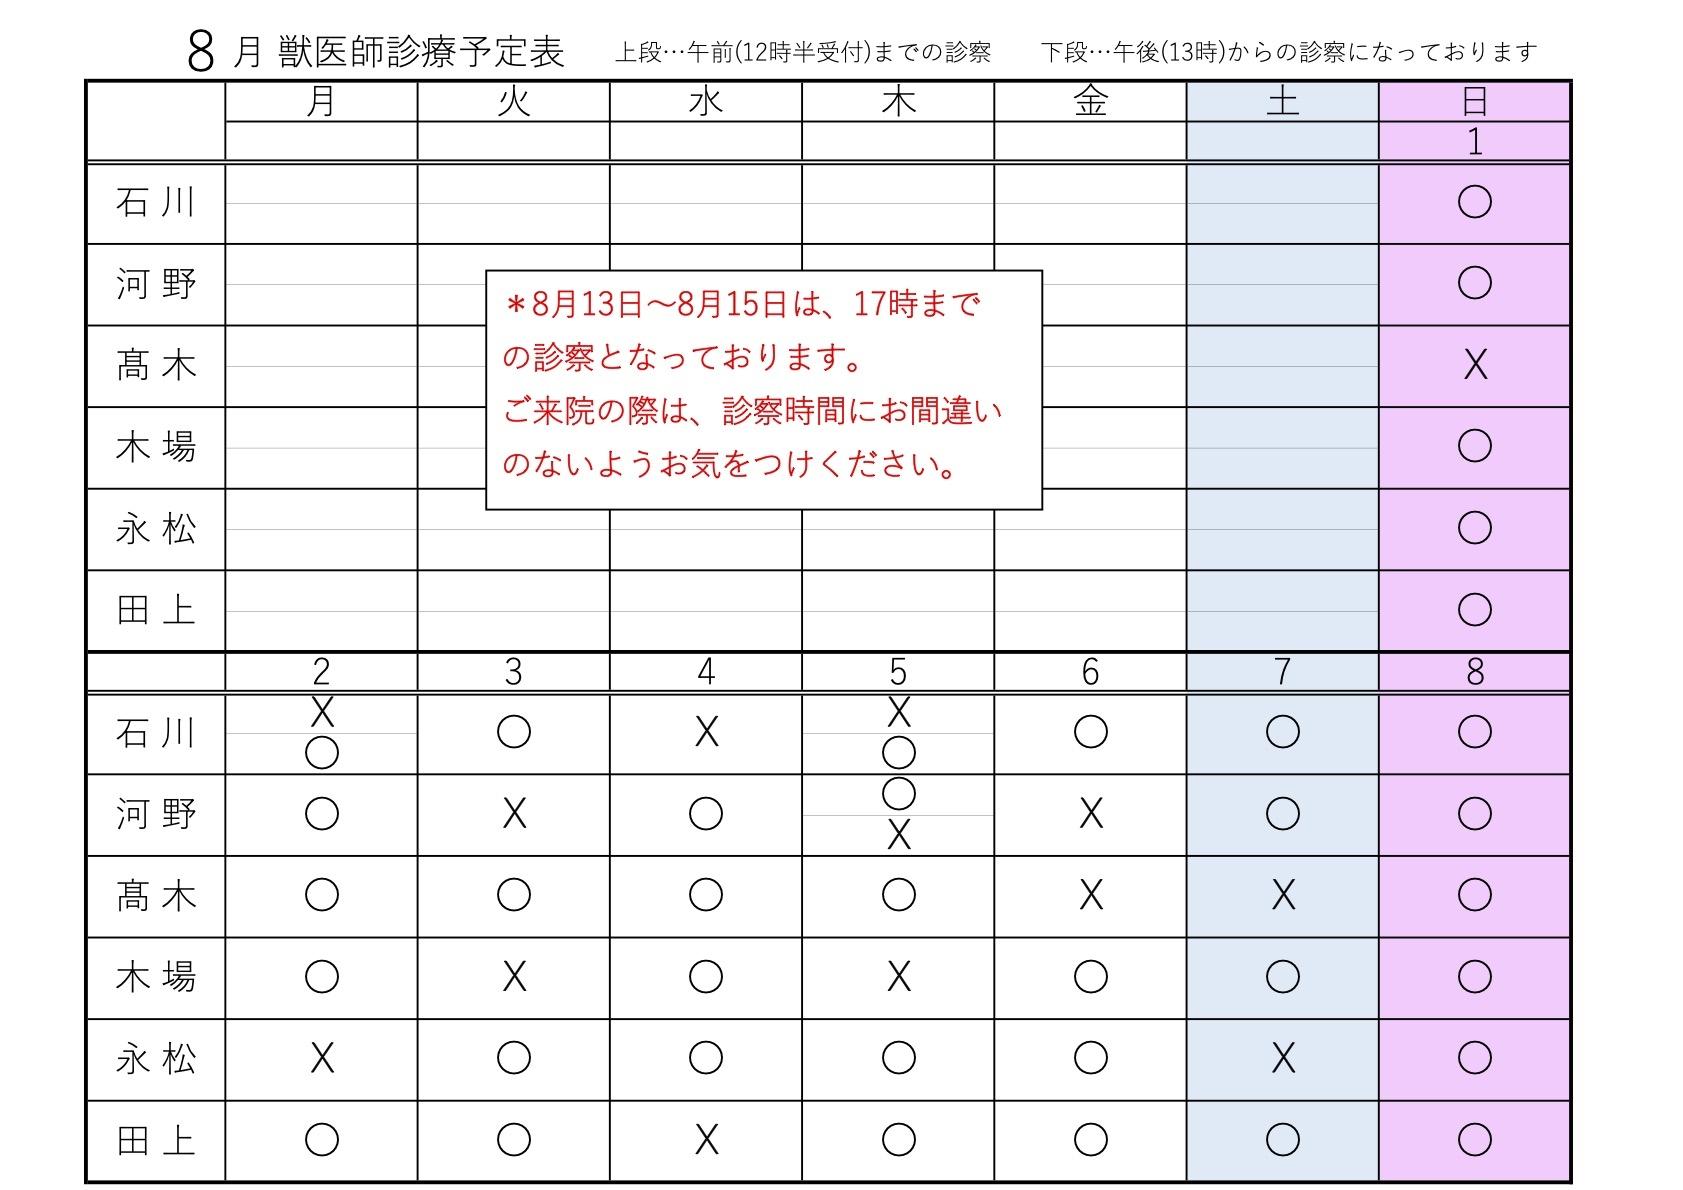 8月1~08日 獣医師診療予定表